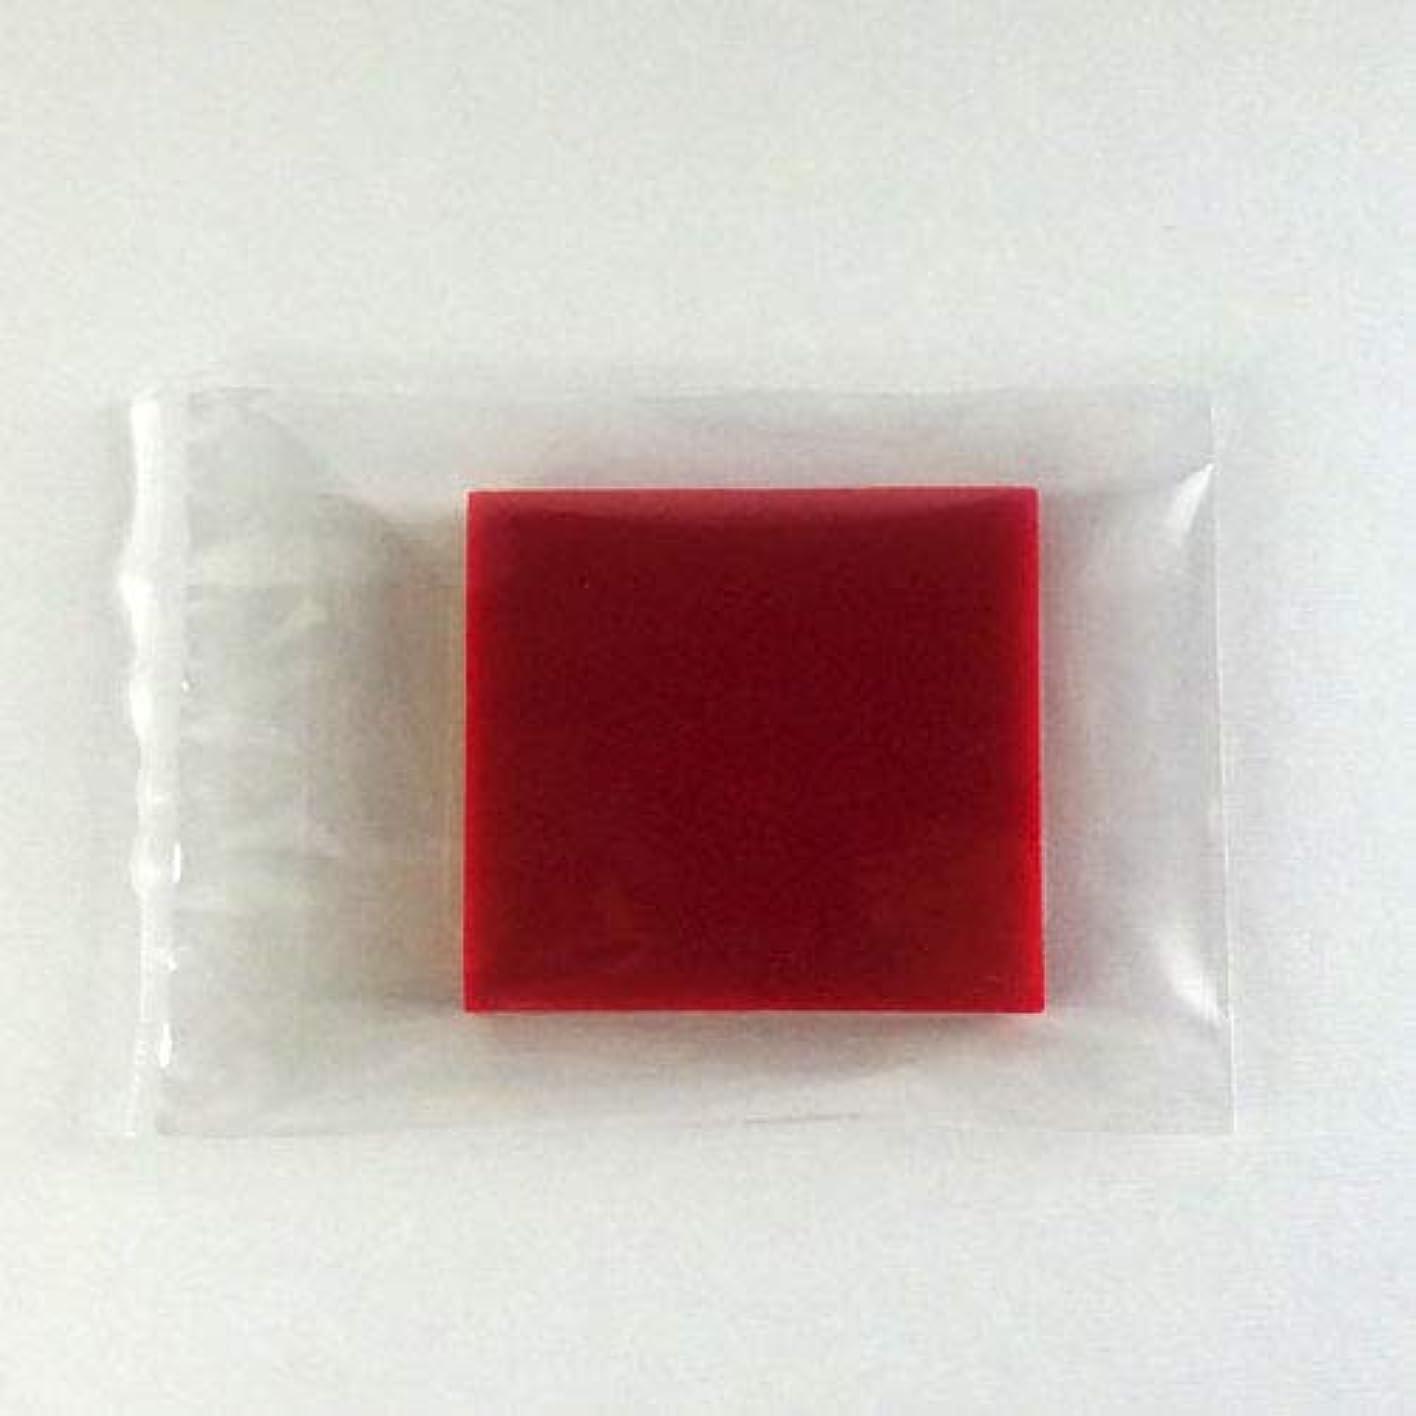 充実ポスタープレミアグリセリンソープ MPソープ 色チップ 赤(レッド) 30g